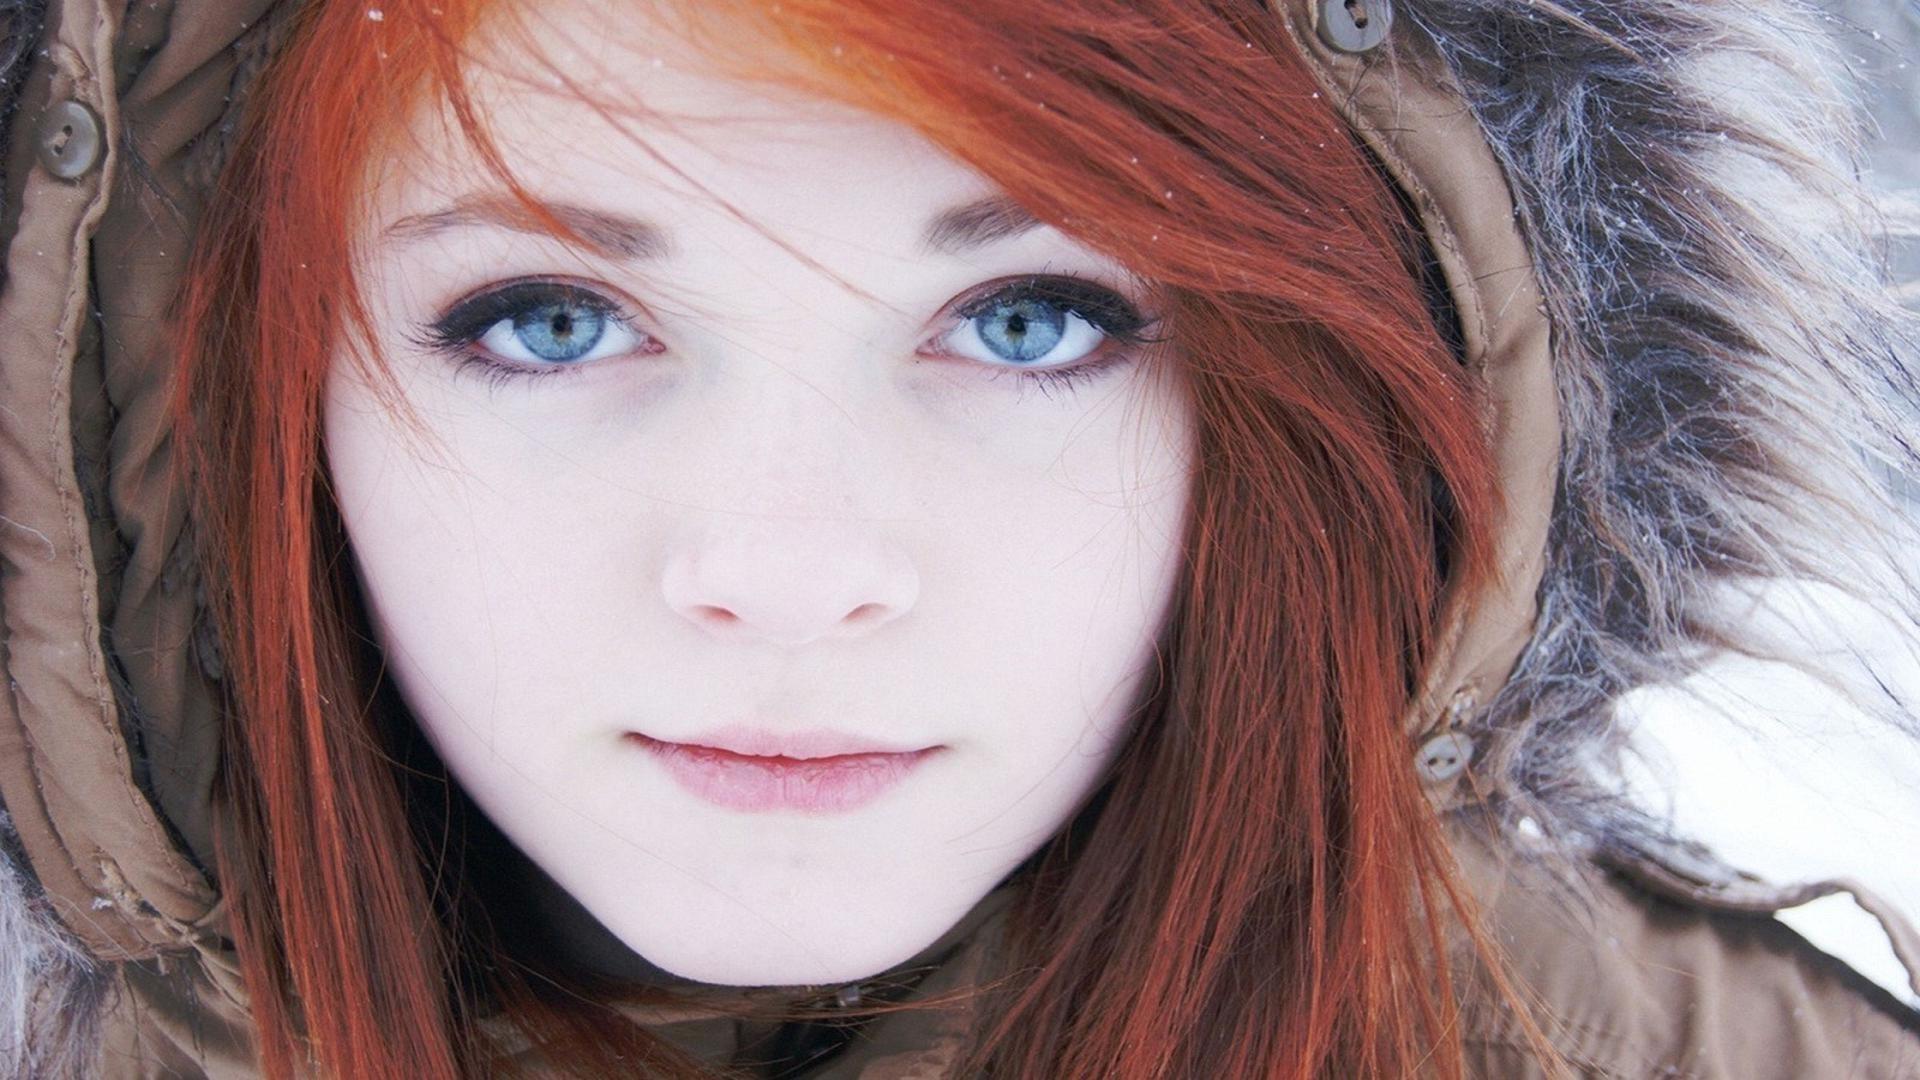 Masaüstü Yüz Kadınlar Kızıl Saçlı Model Portre Mavi Gözlü